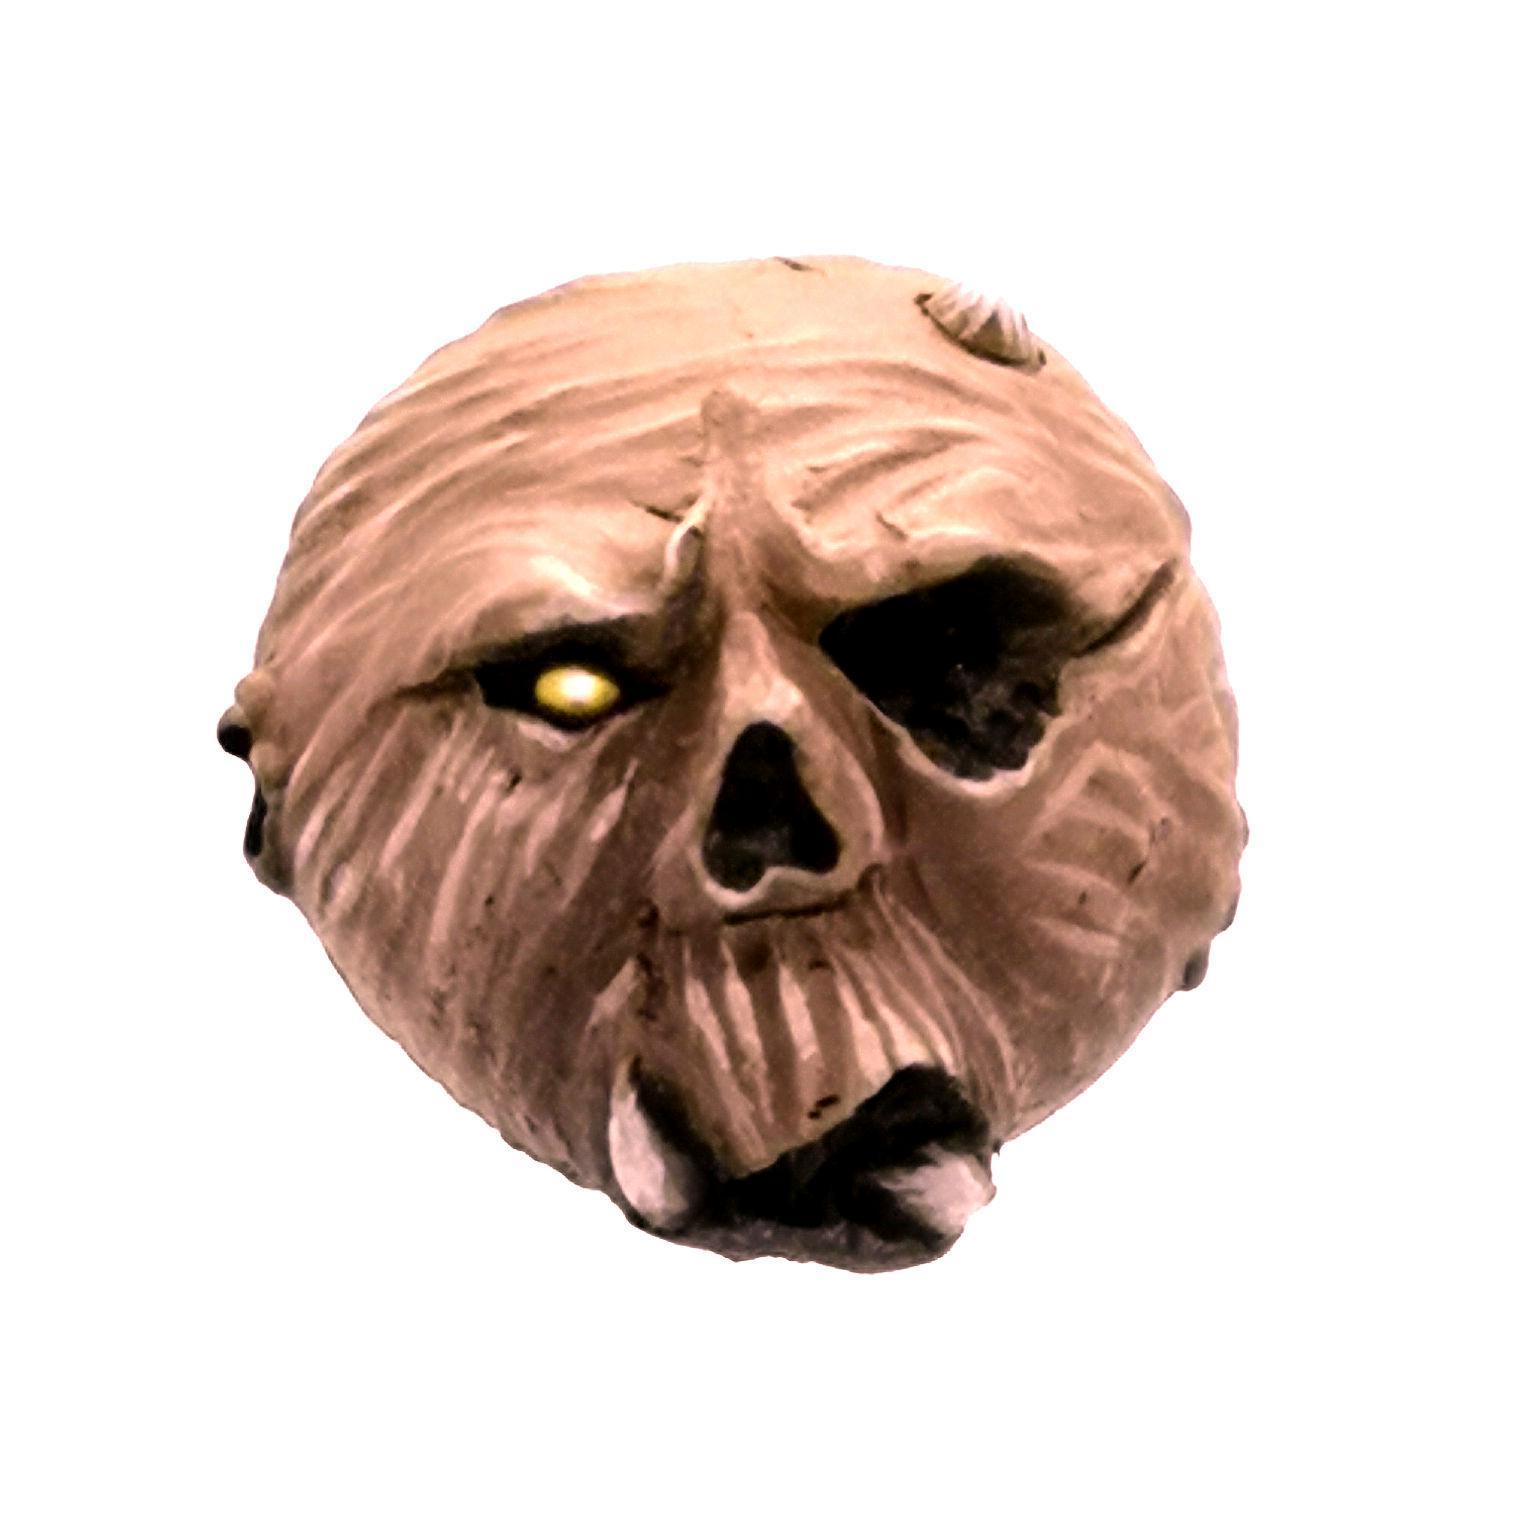 Ballmonsters, Balls, Halloween, Horrors, Monsters, Precinct Omega